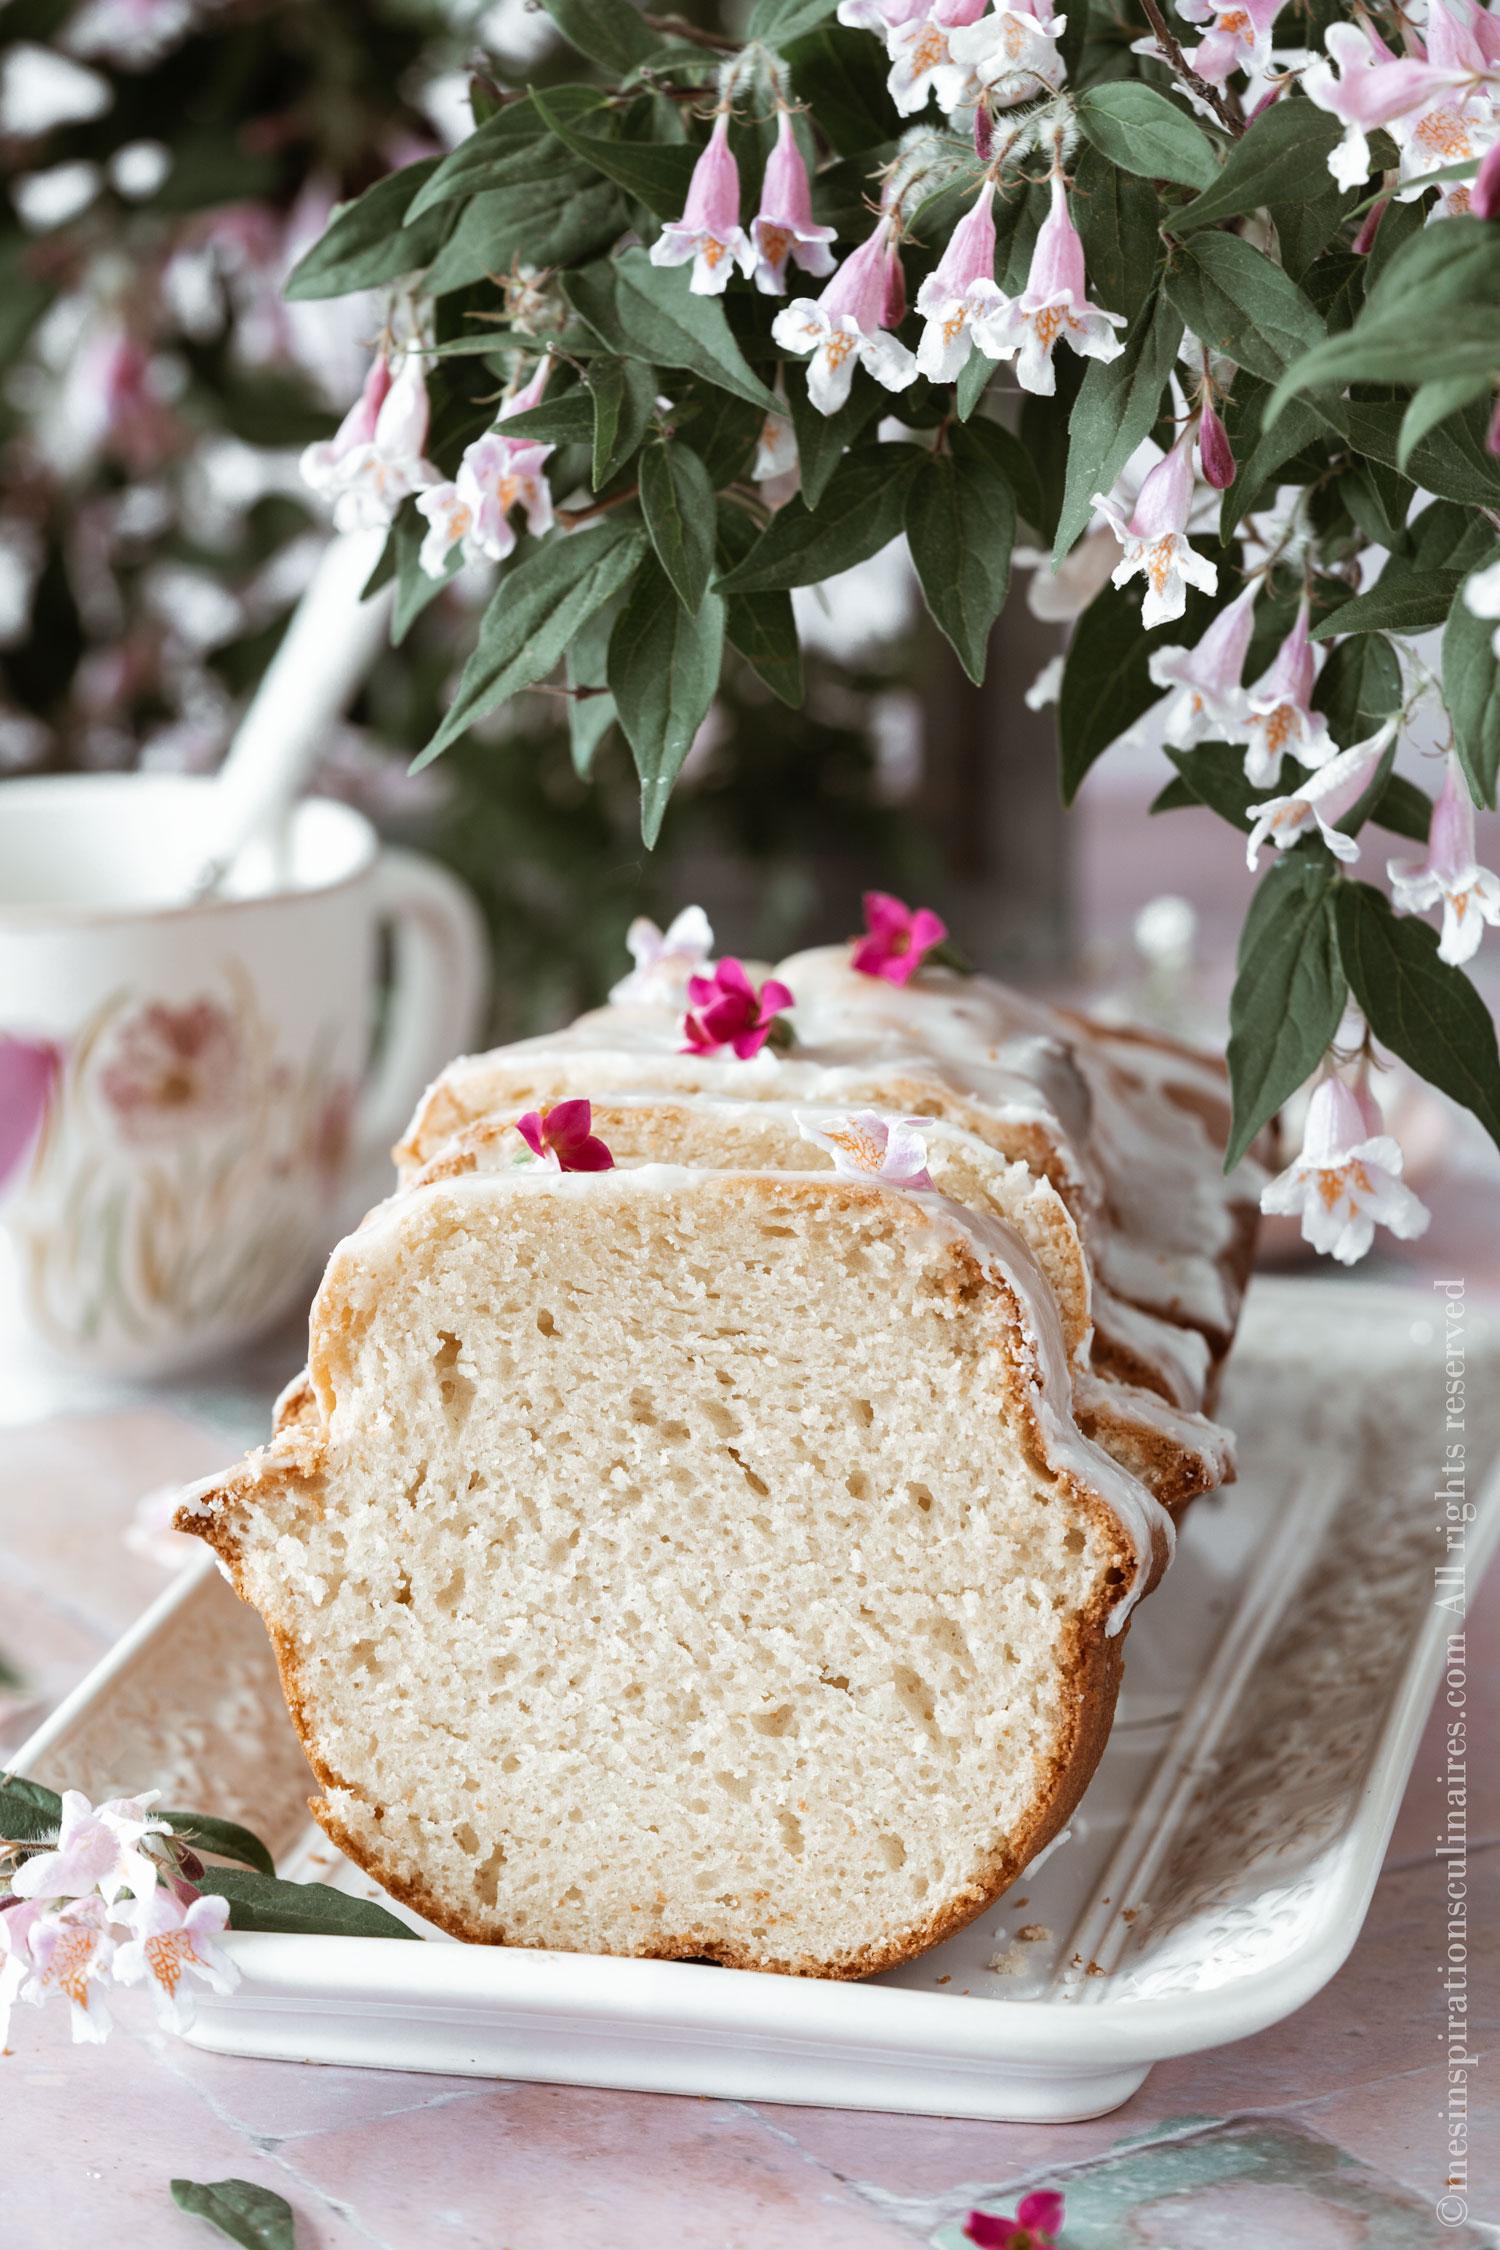 Recette Gâteau au lait léger et moelleux (sans beurre)